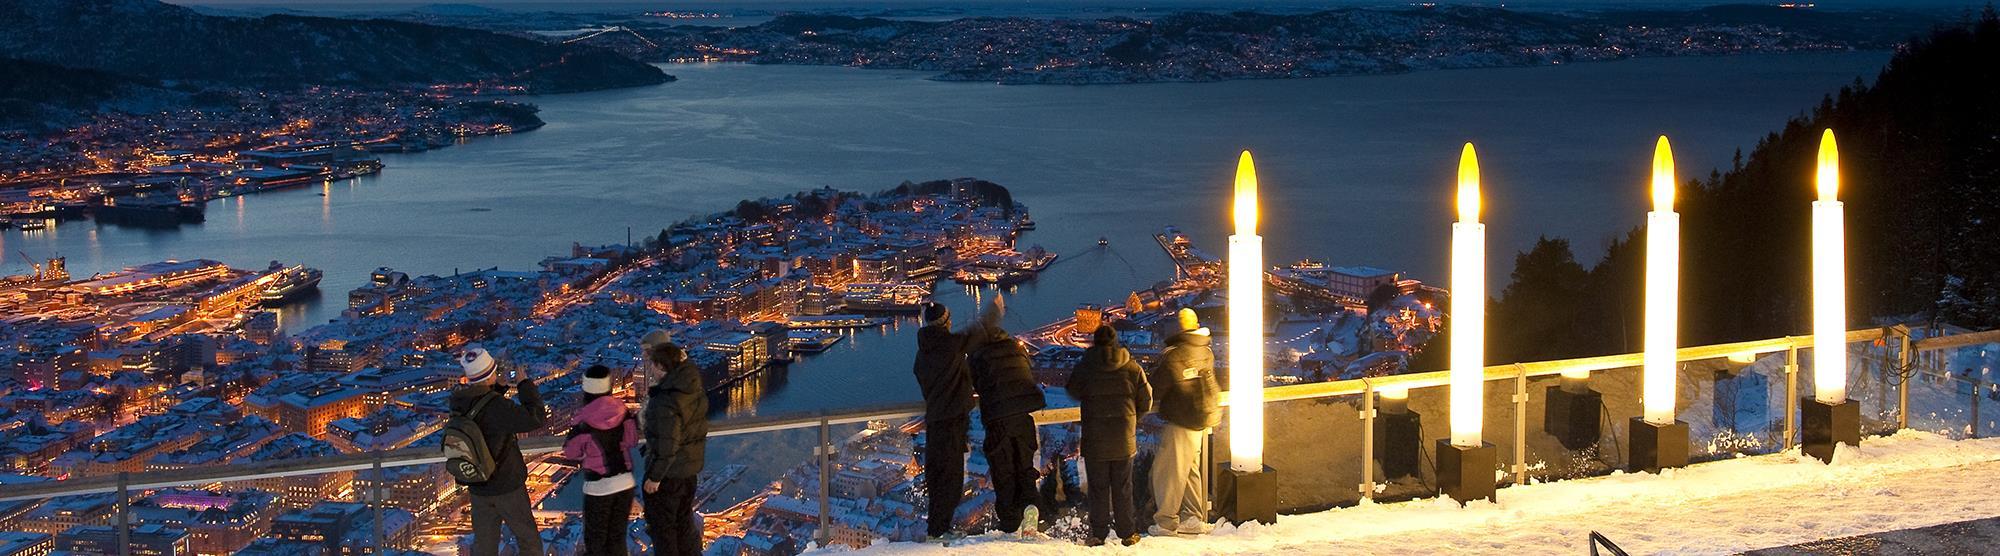 Advent at Mount Fløyen